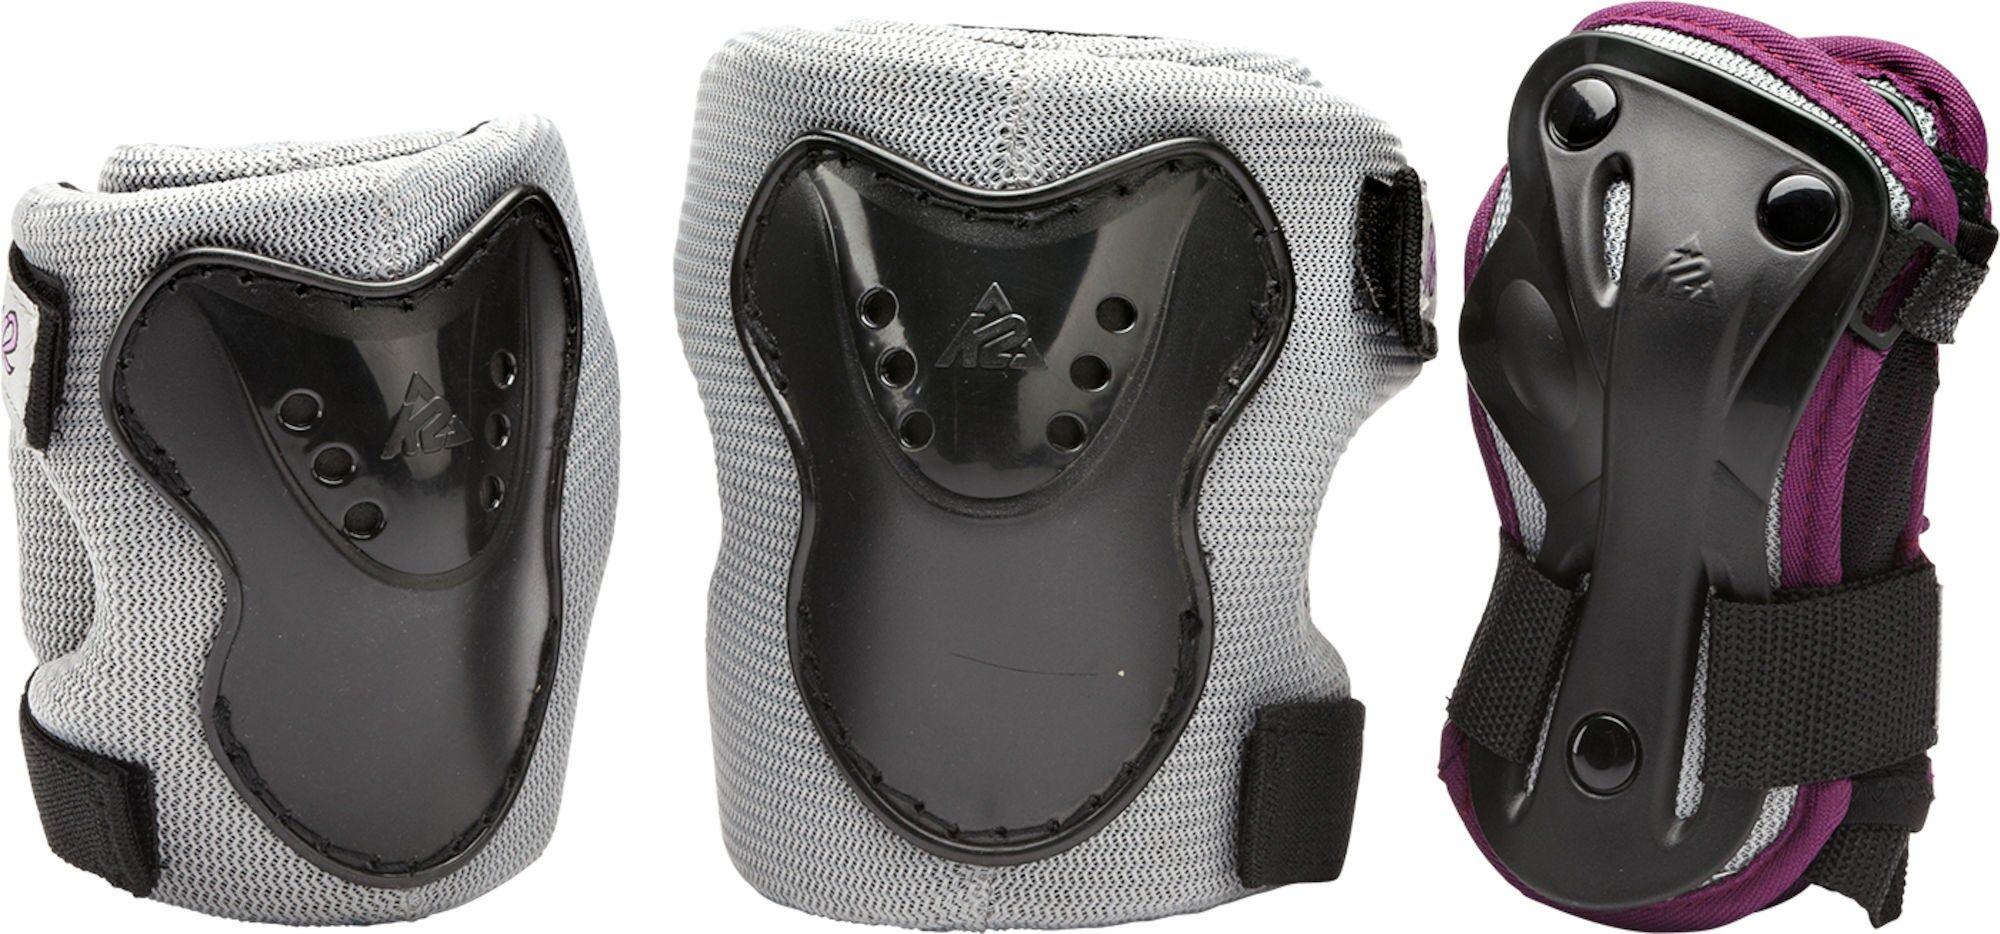 K2 Charm Pro Beskyttelsesett, Grå/Rosa XS